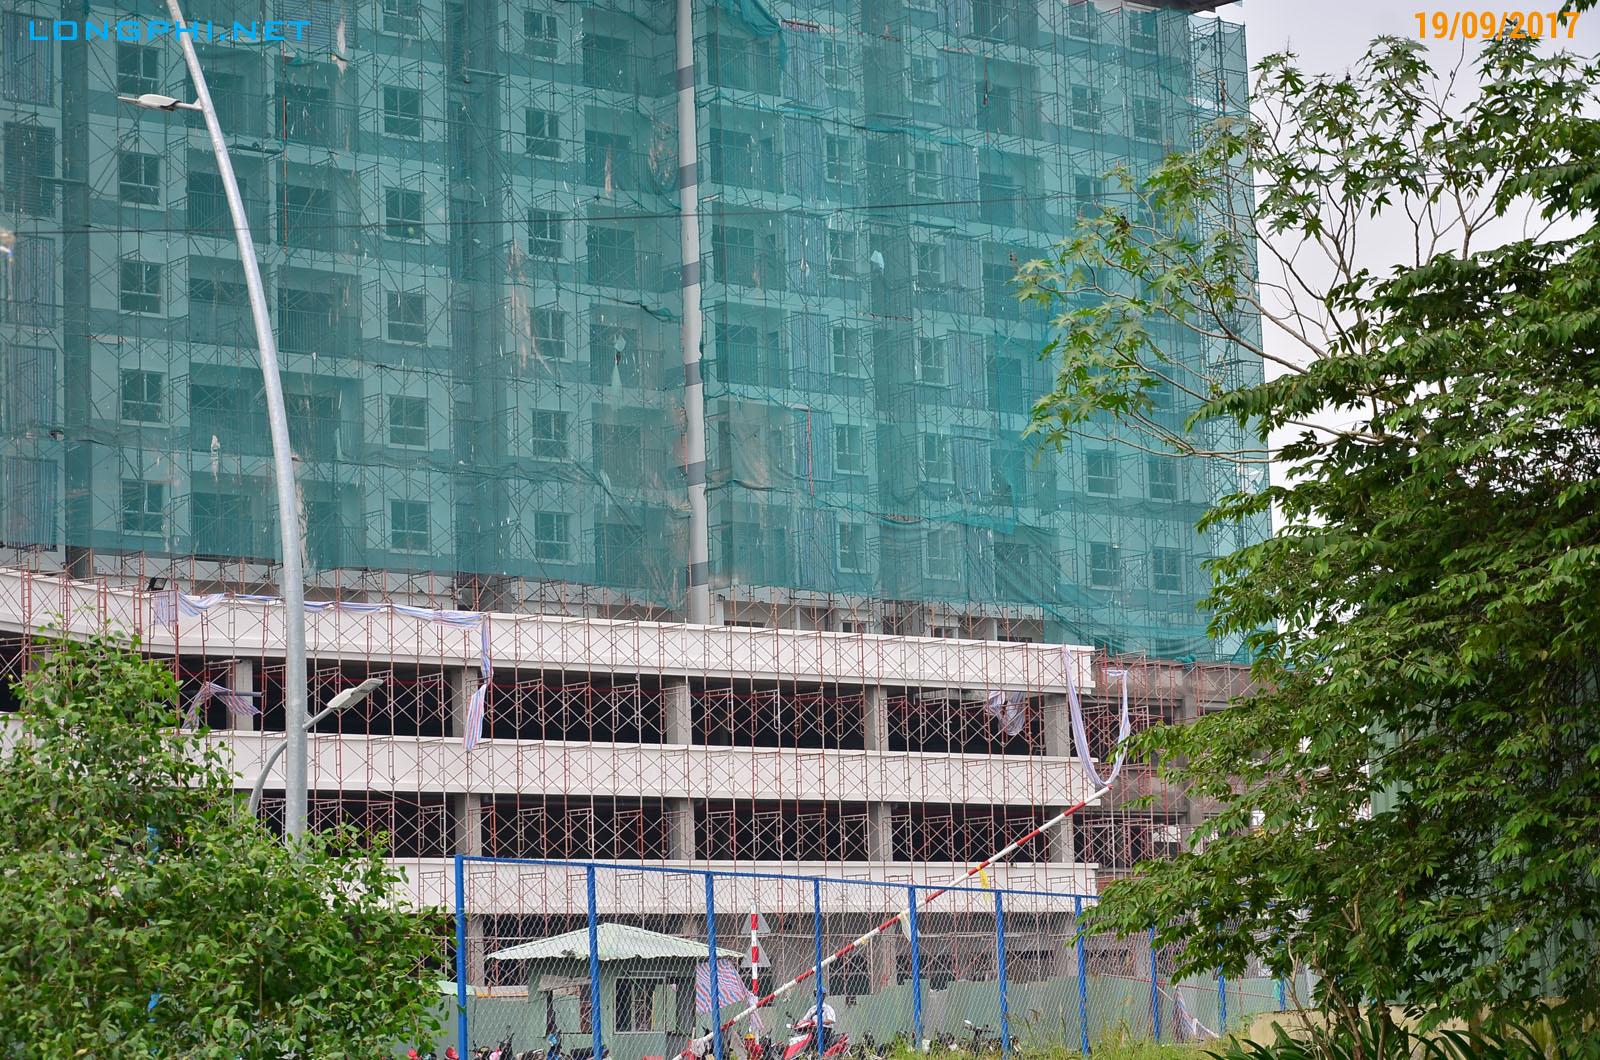 Công tác thi công khối đế thương mại, tiện ích và gửi xe các tầng 1-2-3 Tháp Bắc M1 - Jamona Apartment Luxury Home.